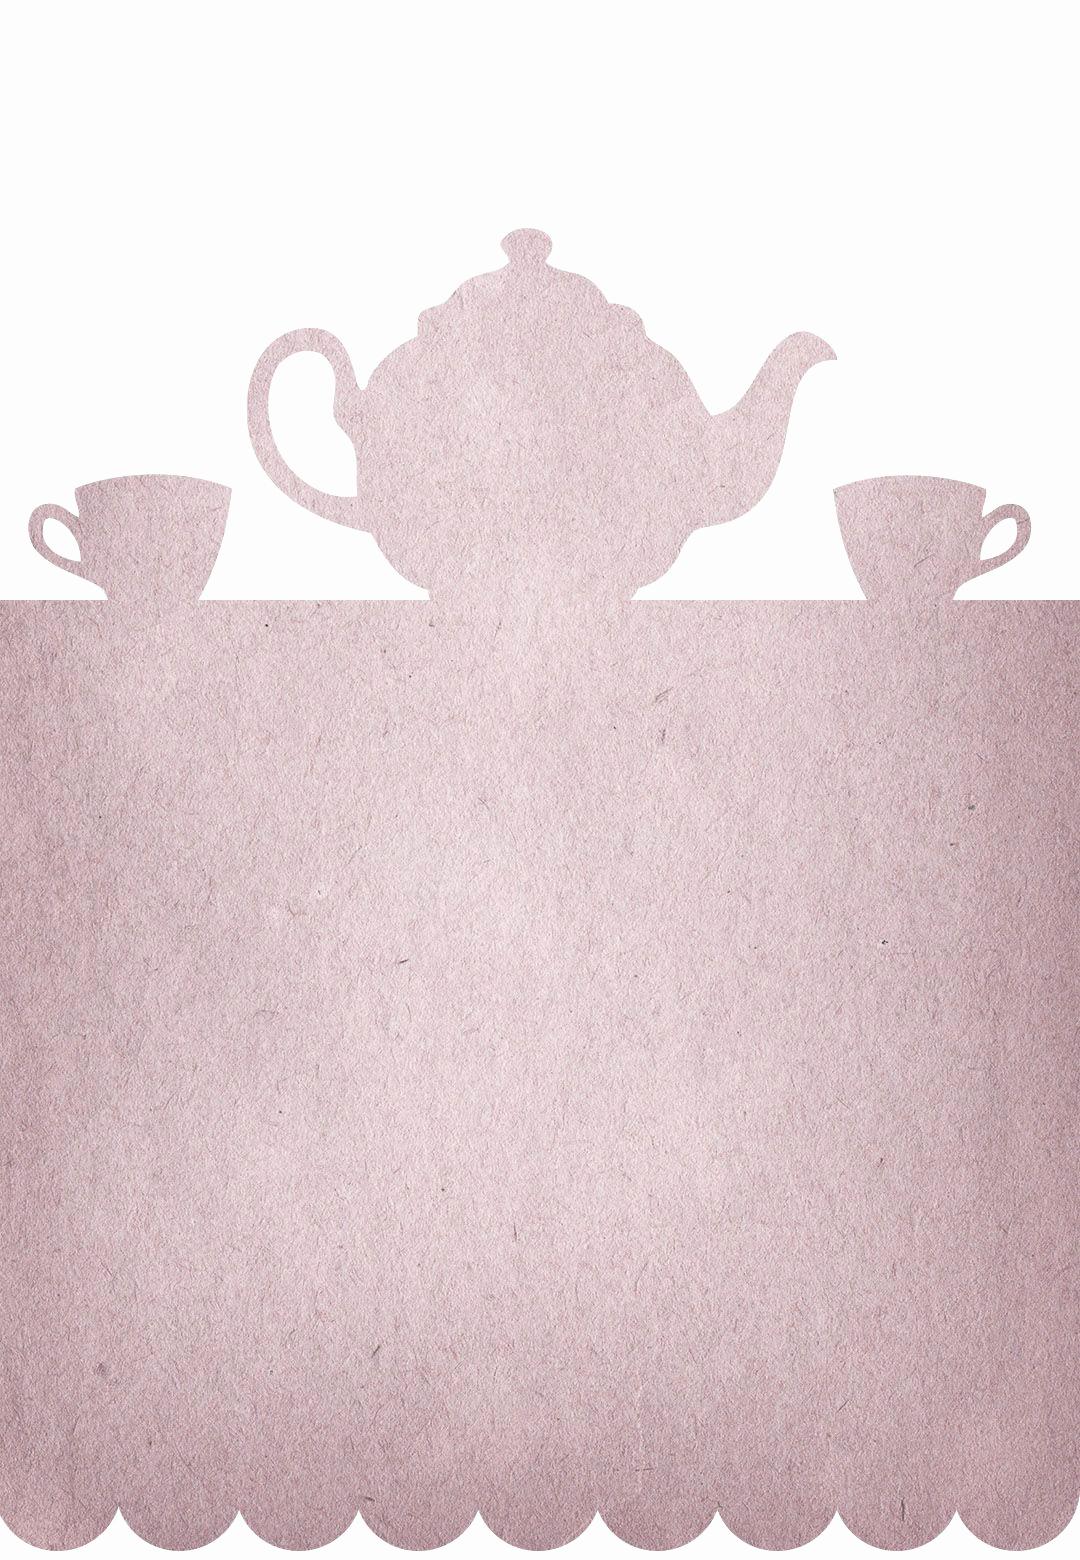 Hi Tea Invitation Templates Luxury Free Printable Tea Party Invitation